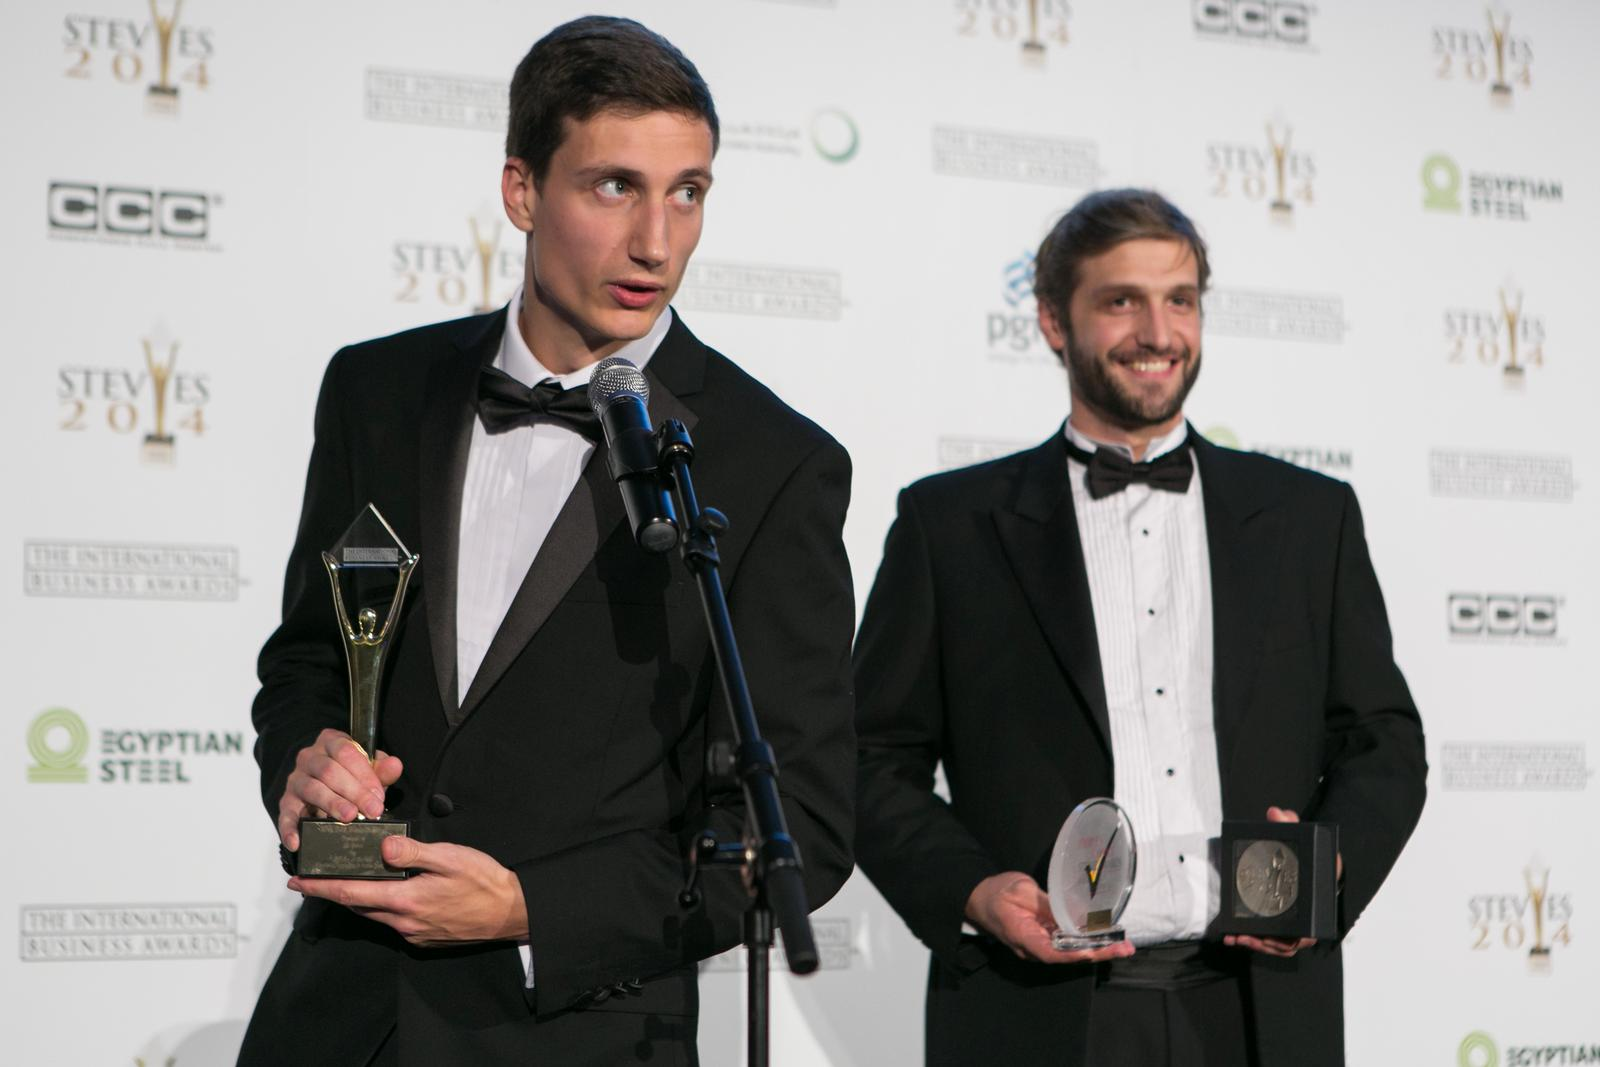 Stolze Gewinner des International Business Awards 2014